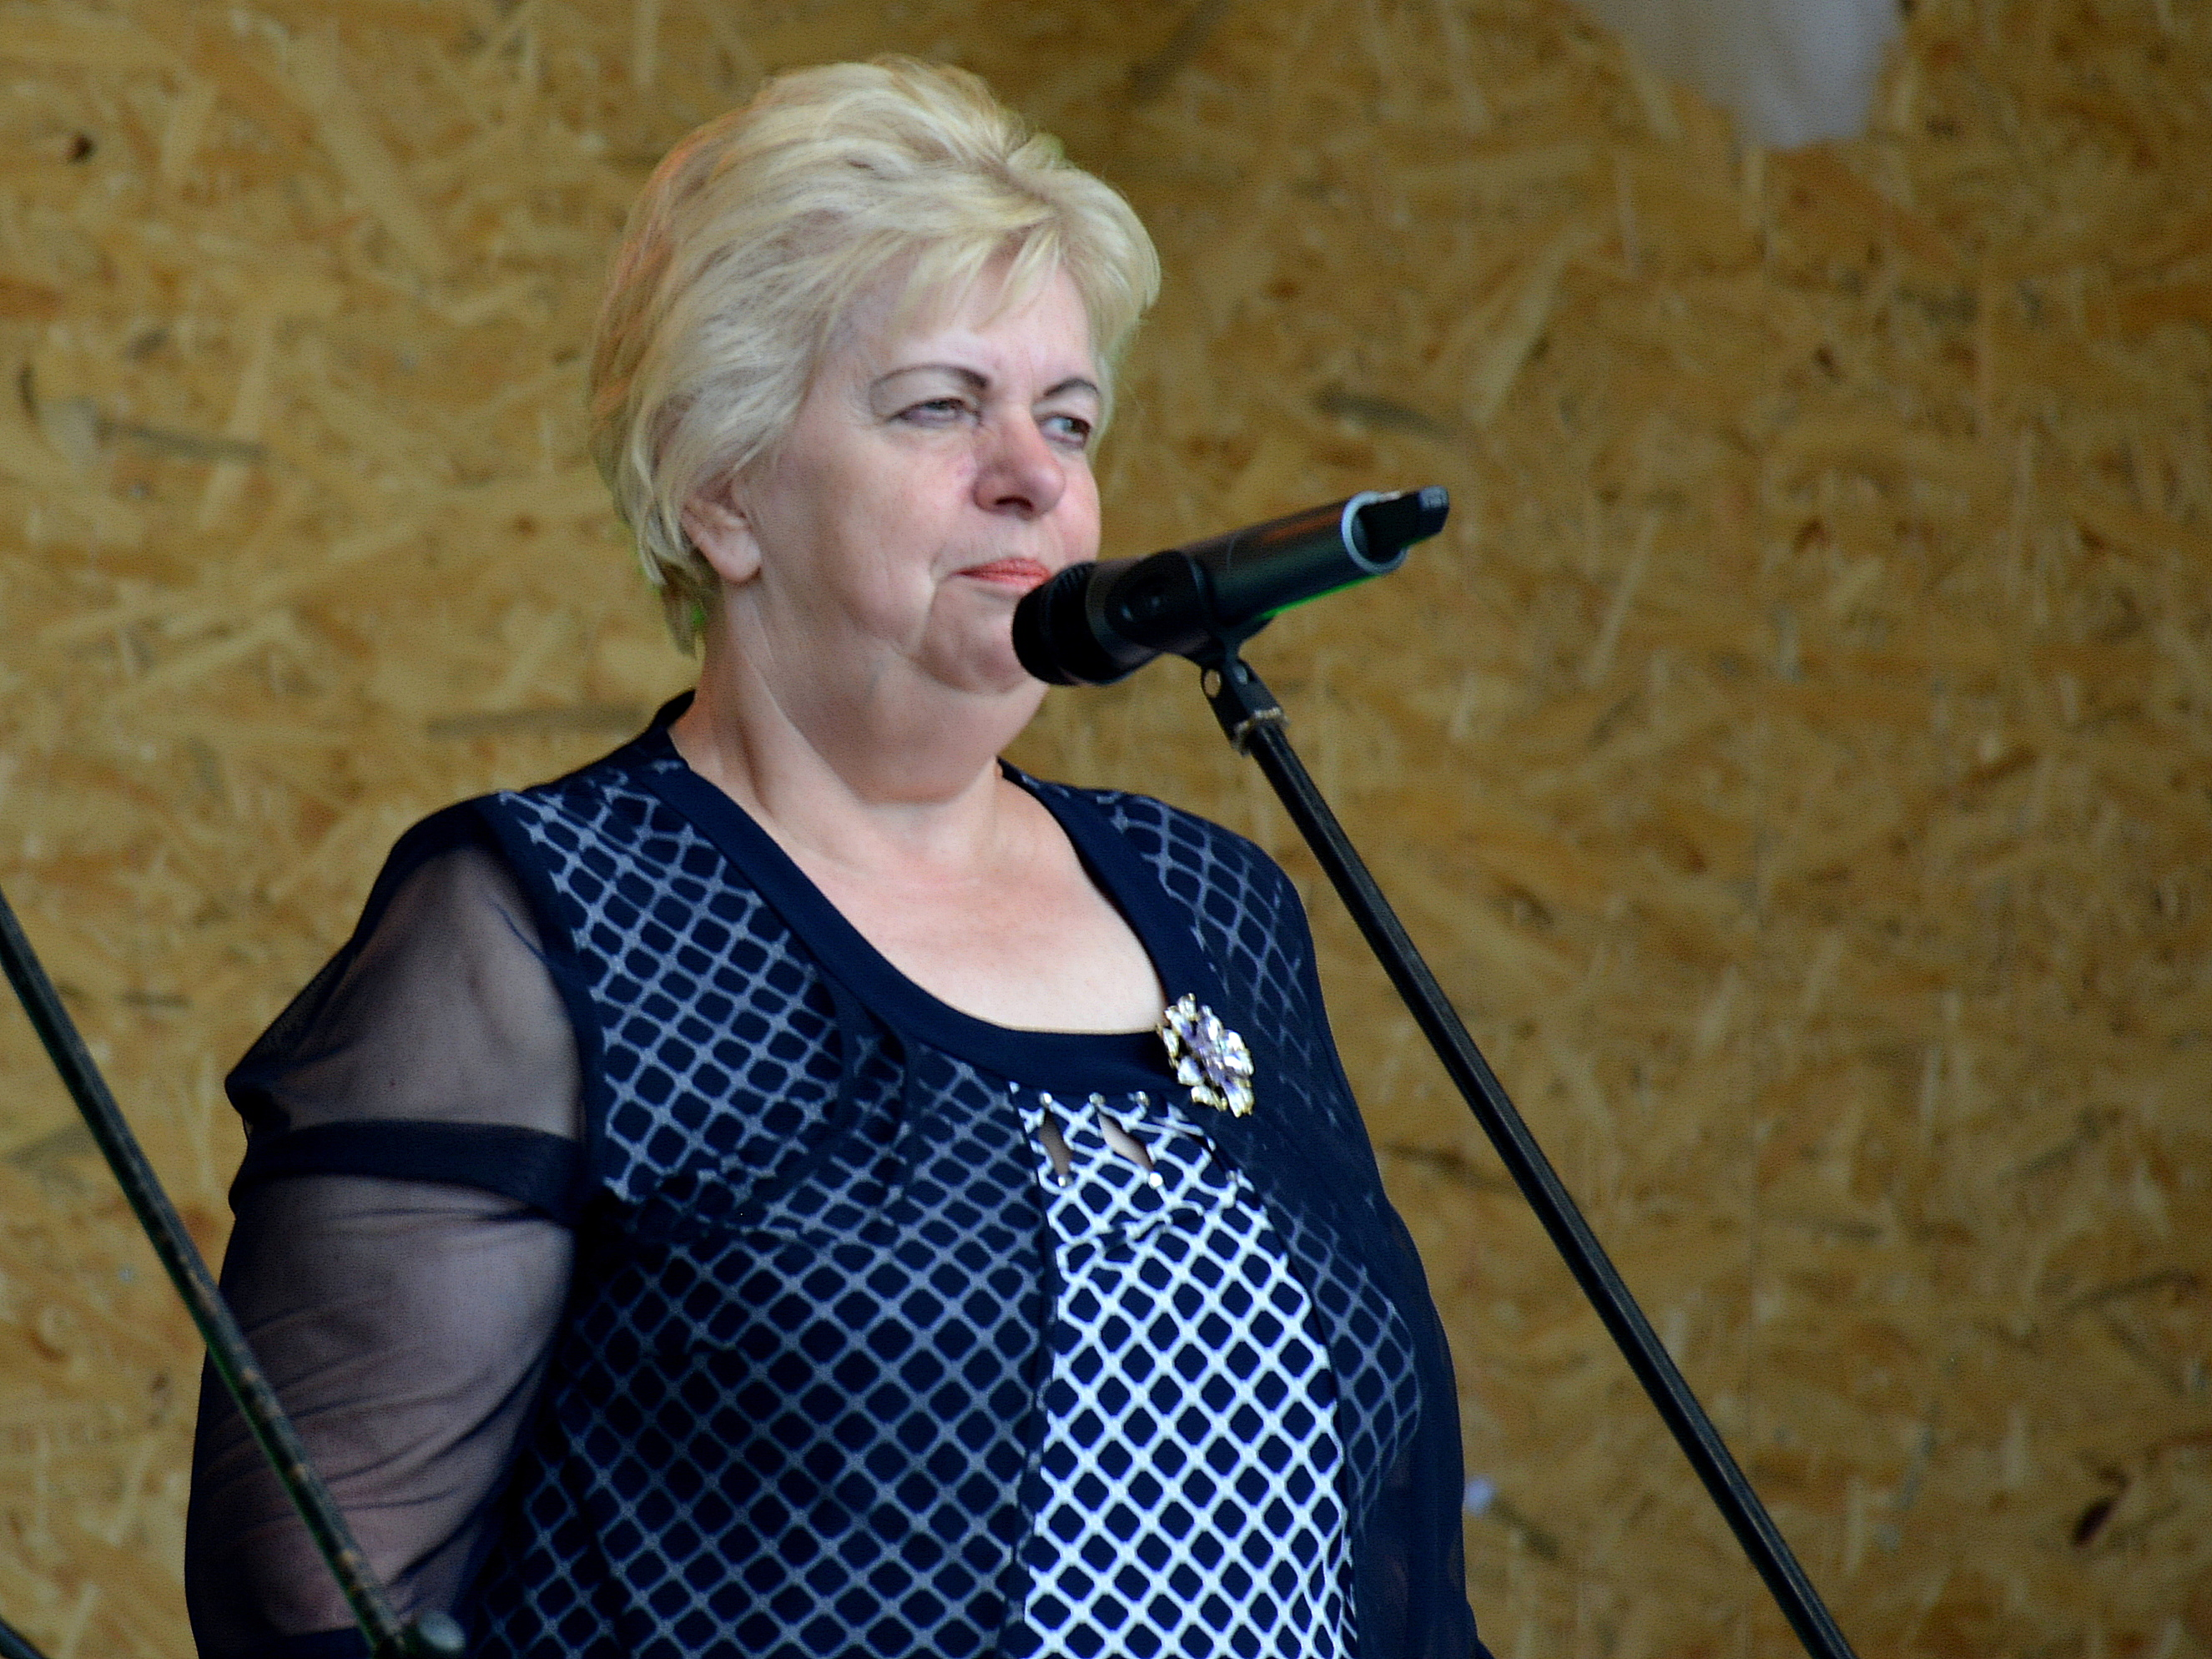 MKC Baraginės skyriaus renginių organizatorė Irena Maziliauskienė